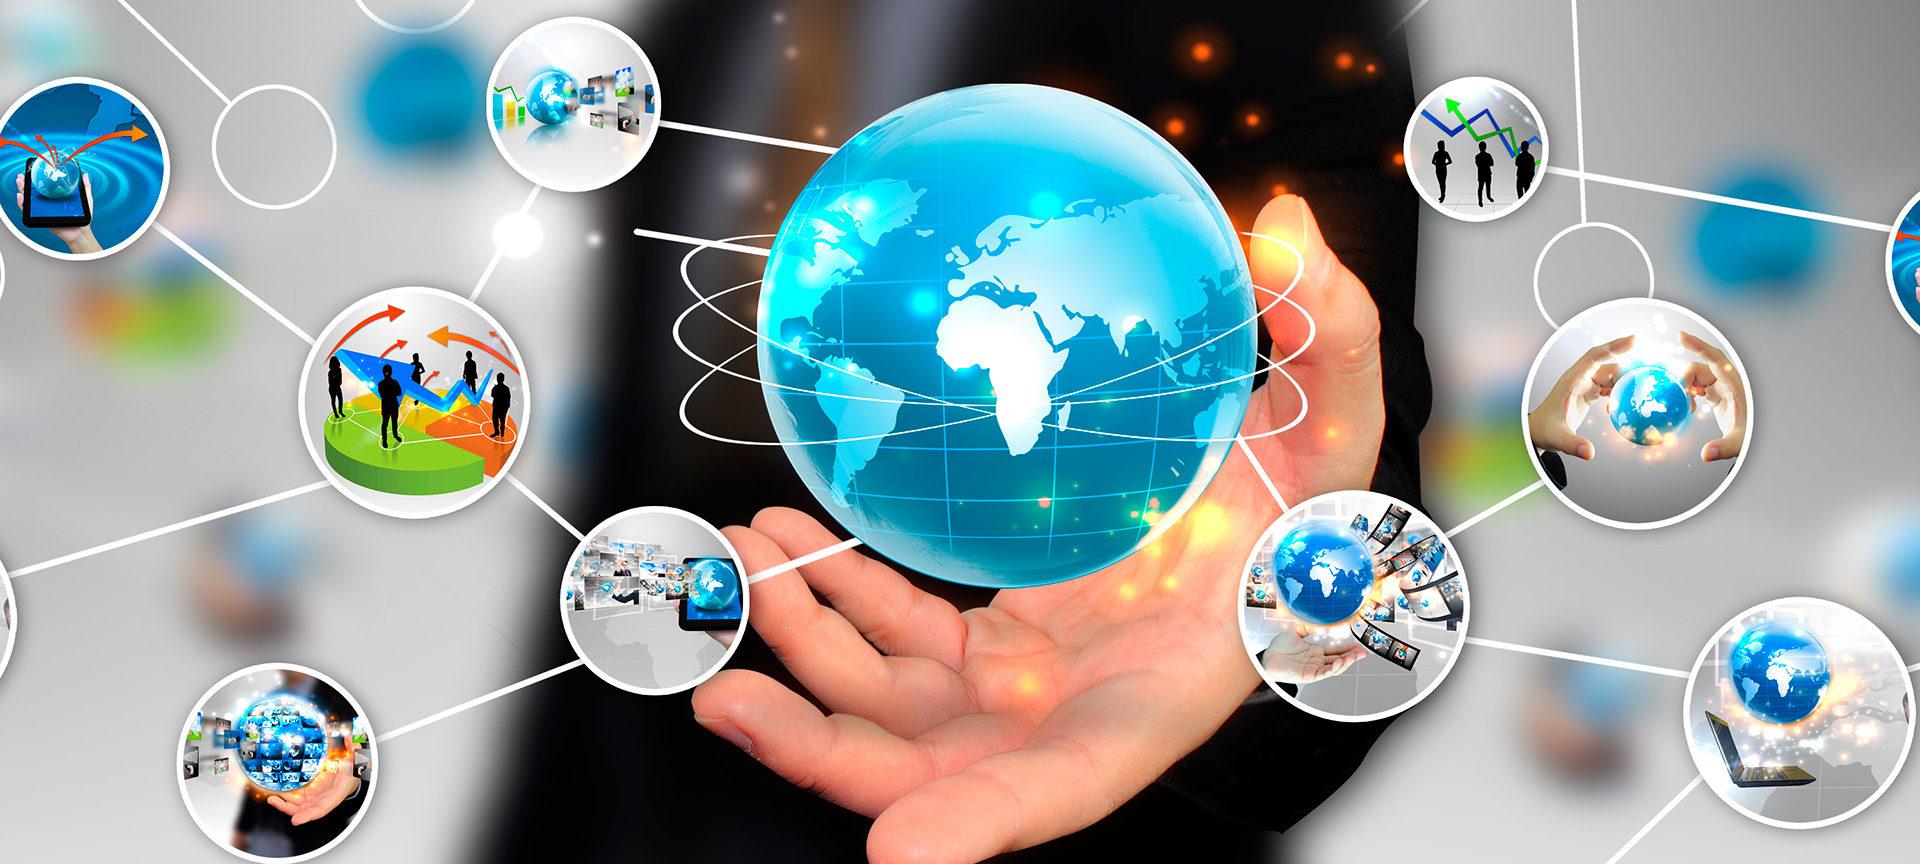 sistemas de negocios ejemplos sistemas de negocios pdf tipos de sistemas de negocios sistema de negocio de una empresa sistemas de negocios exitosos sistema de negocio de una empresa ejemplo sistema de negocios piramidal sistema de negocio y organizacion sistemas de negocios pdf sistemas de negocios ejemplos tipos de sistemas de negocios sistemas de negocios exitosos sistema de negocio de una empresa sistema de negocios piramidal sistemas de negocios electrónicos sistemas de negocios internacionales sistemas de negocios pdf sistemas de negocios en ingles sistemas de negocios ejemplos sistemas de negocios exitosos sistemas de negocios empresariales sistemas de negocios por internet como crear sistemas de negocios crear sistemas de negocios que son los sistemas de negocios 9 funciones de los sistemas de negocios los sistemas de negocios libros sobre sistemas de negocios desarrollo de sistemas de negocios gestion en sistemas de negocios tipos de sistemas de negocios importancia de los sistemas de negocios sistemas de inteligencia de negocios sistemas de informacion de negocios sistemas maestros de negocios s.a. de c.v sistemas de reportes inteligencia de negocios sistemas de gestion de negocios sistemas empresariales de negocios pdf sistemas operacionales inteligencia de negocios sistemas de control de negocios sistemas de informacion y estrategias de negocios sistemas de control de procesos de negocios